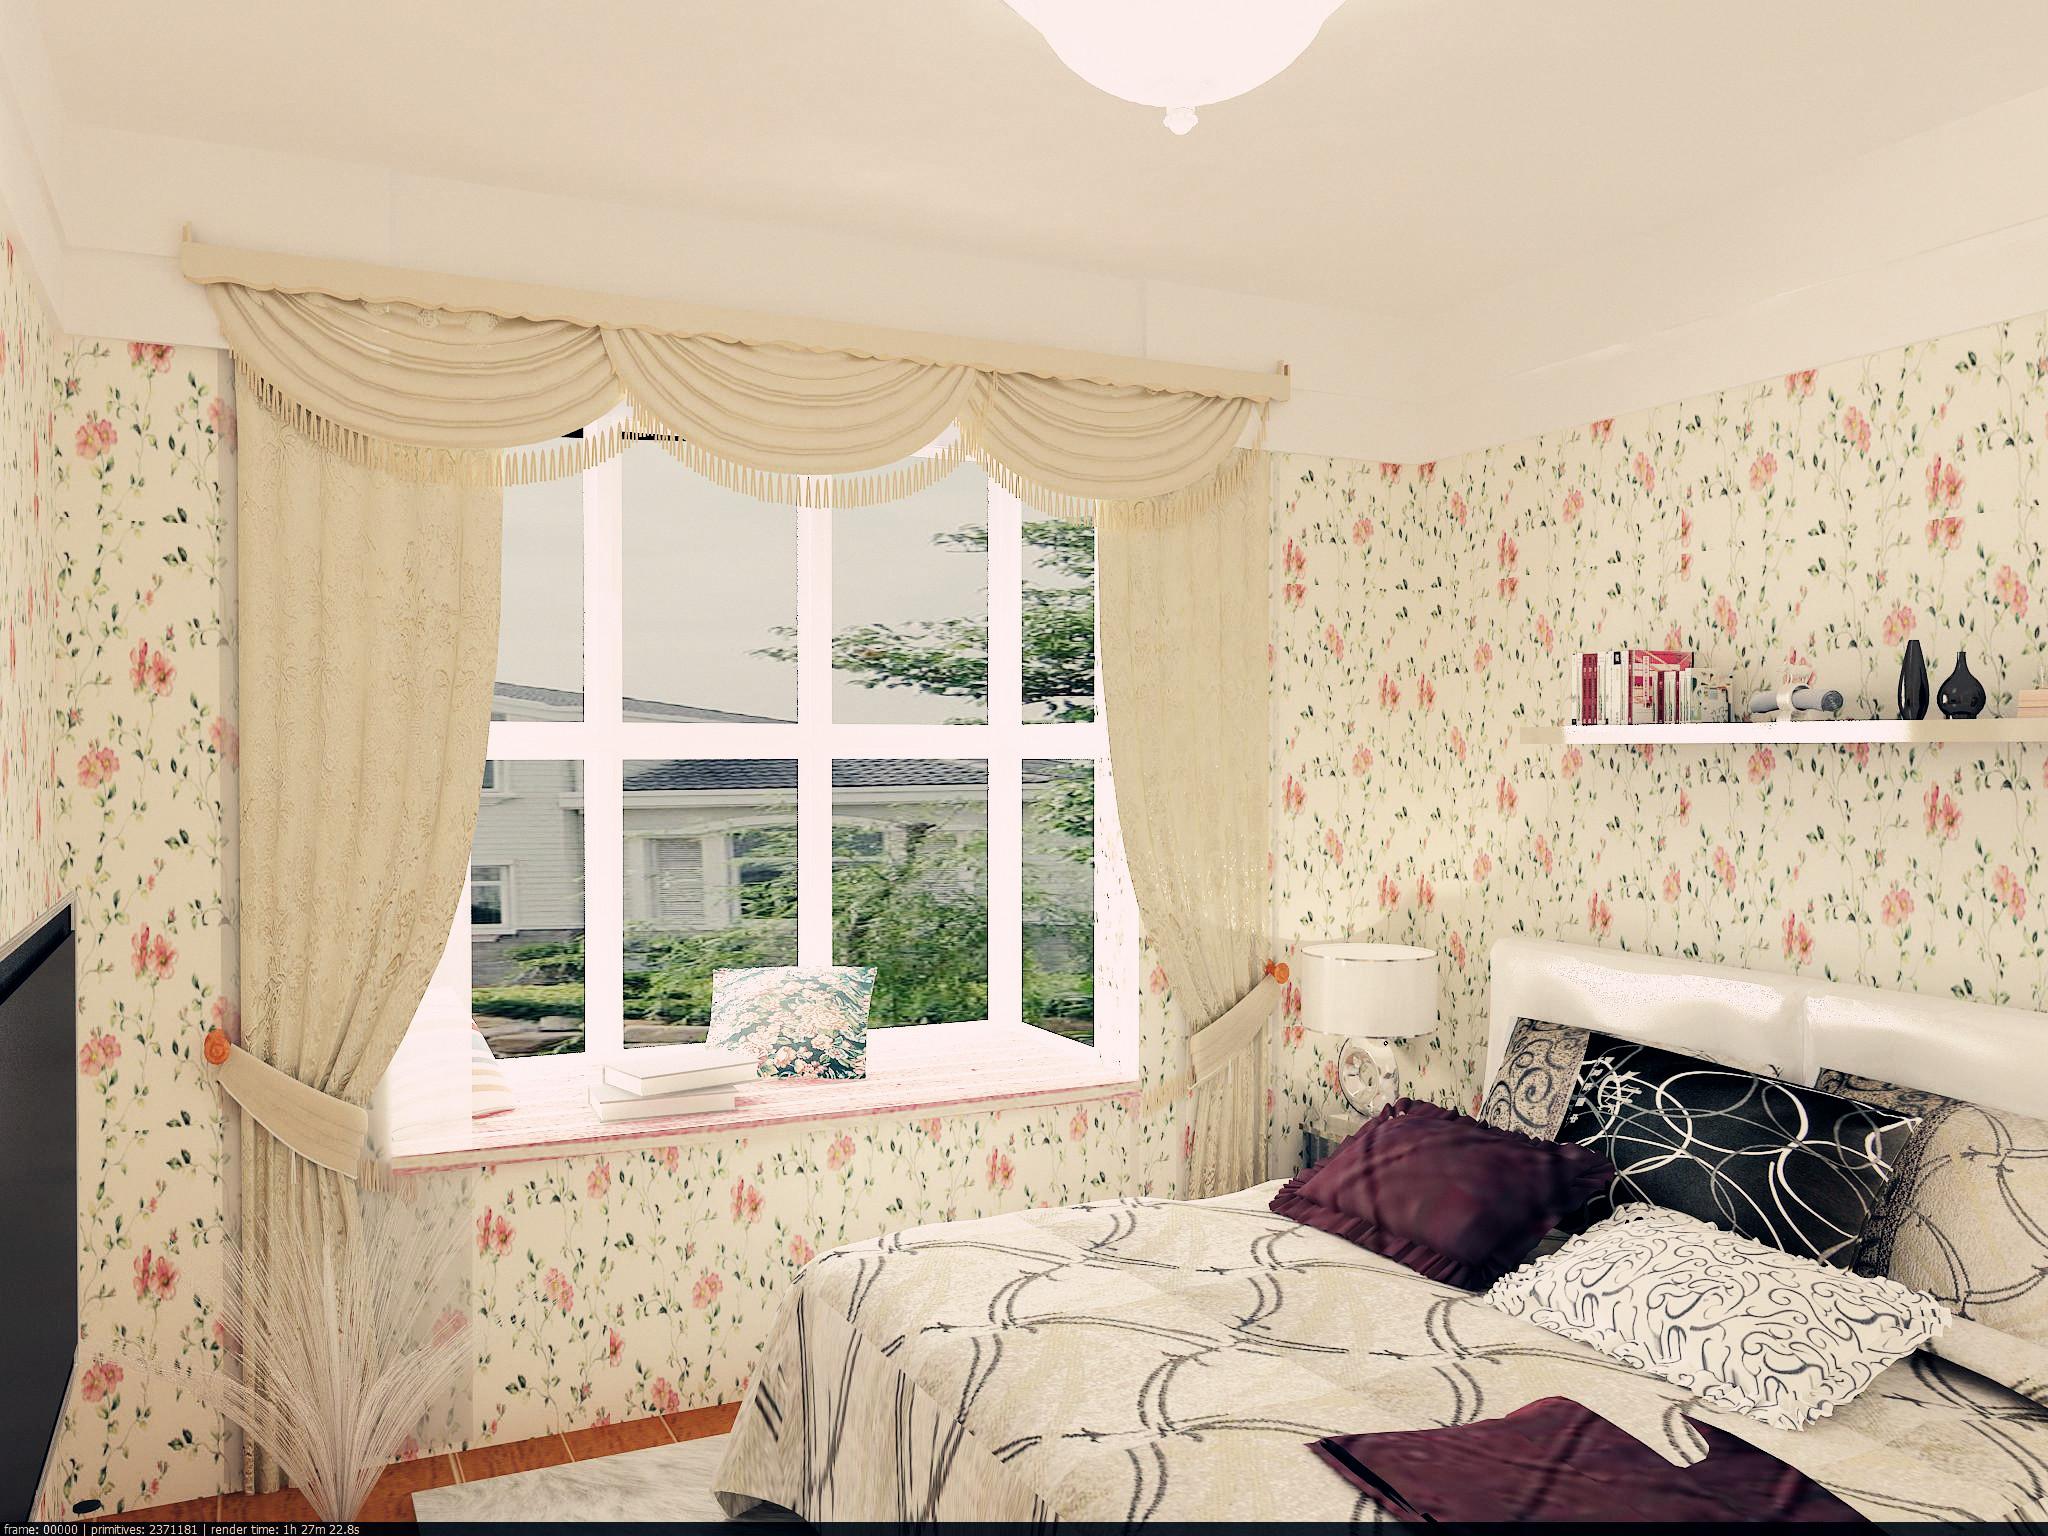 三居 田园 80后 现代田园 小清新 自然舒适 卧室图片来自实创装饰都琳在首开熙悦山—三居室现代田园风格的分享